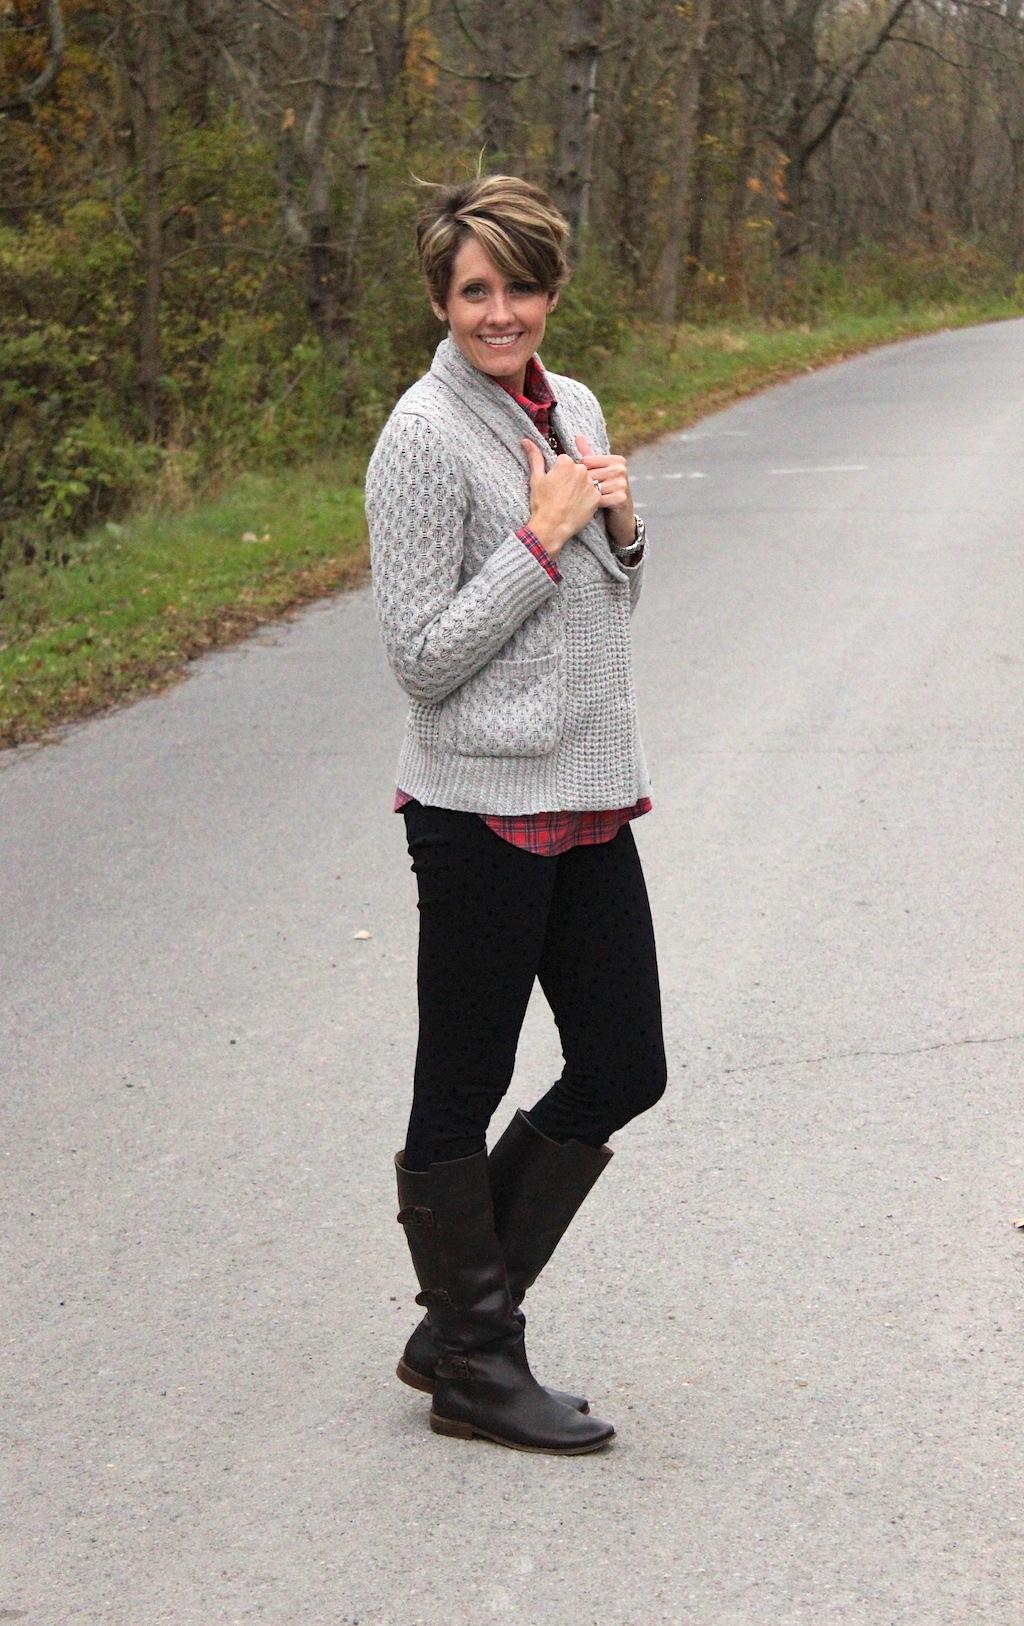 greysweater6